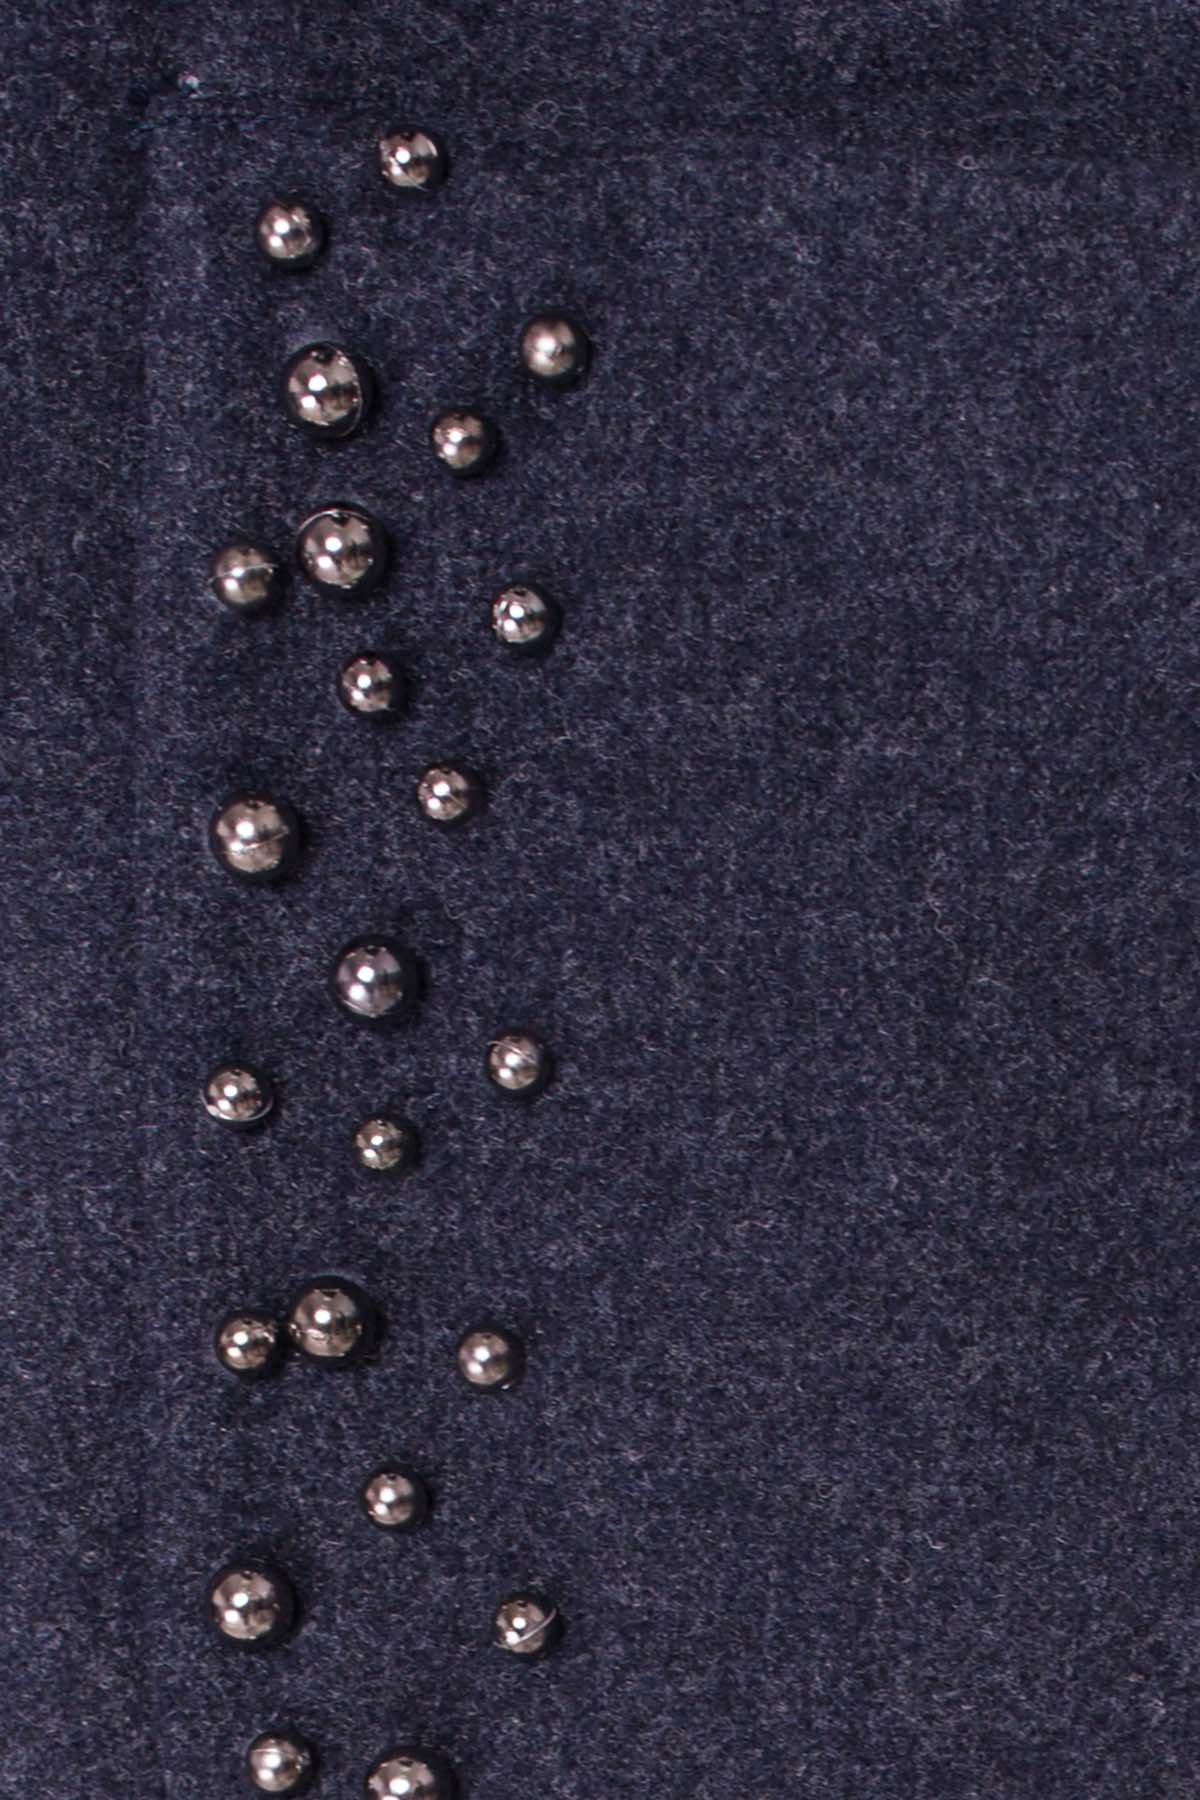 Пальто Даймон 5377 АРТ. 36744 Цвет: Темно-синий 6 - фото 5, интернет магазин tm-modus.ru